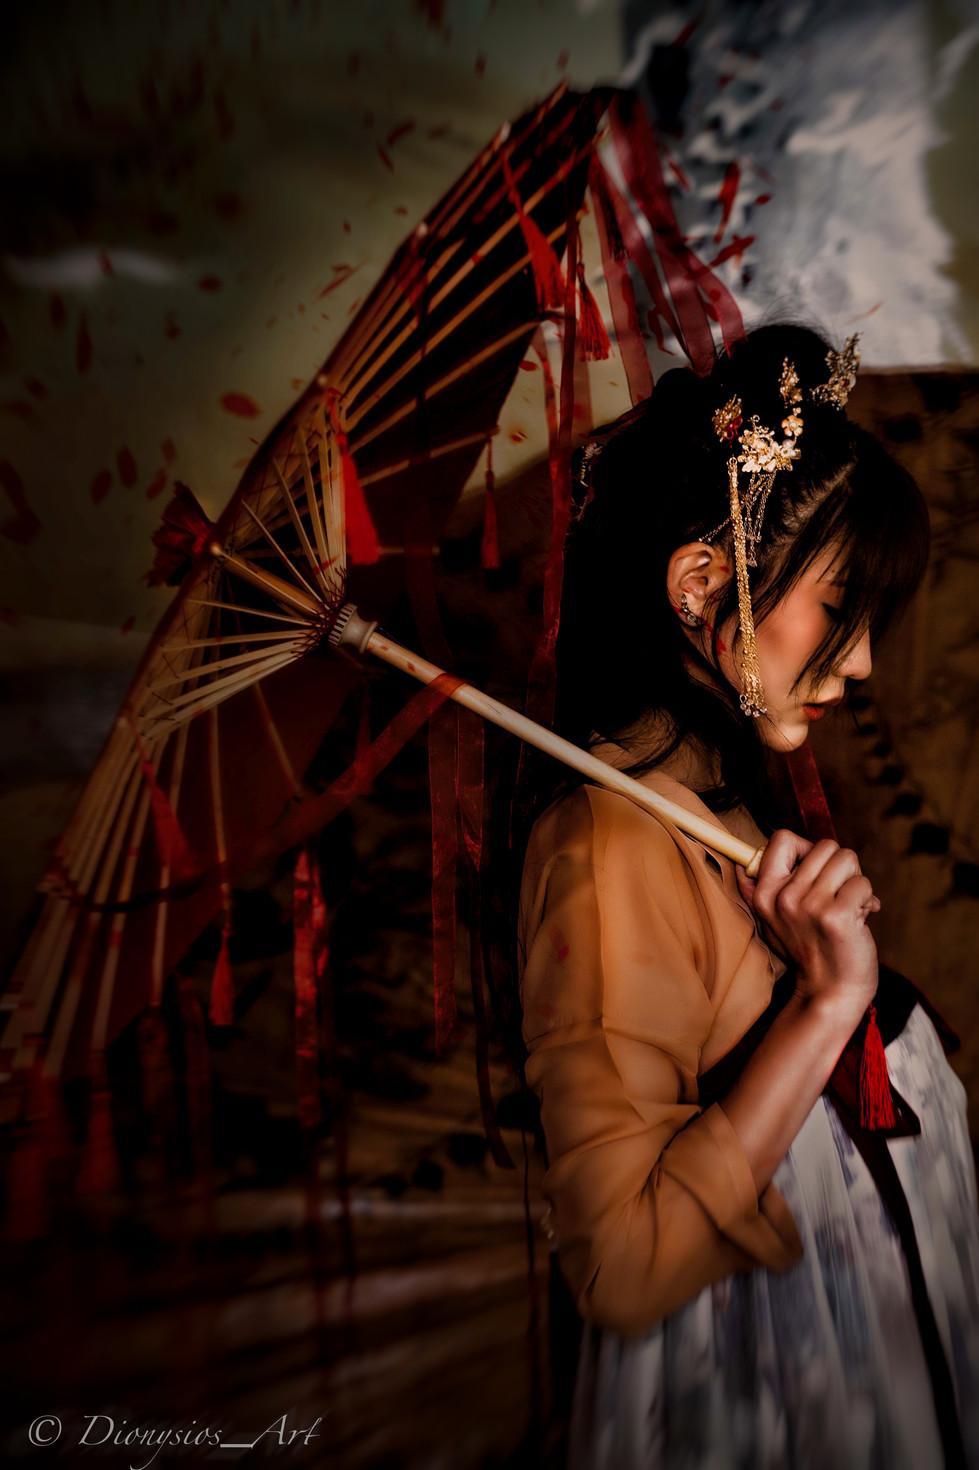 Image 15-10-19 at 7.52 pm-Edit-2-Edit.jp